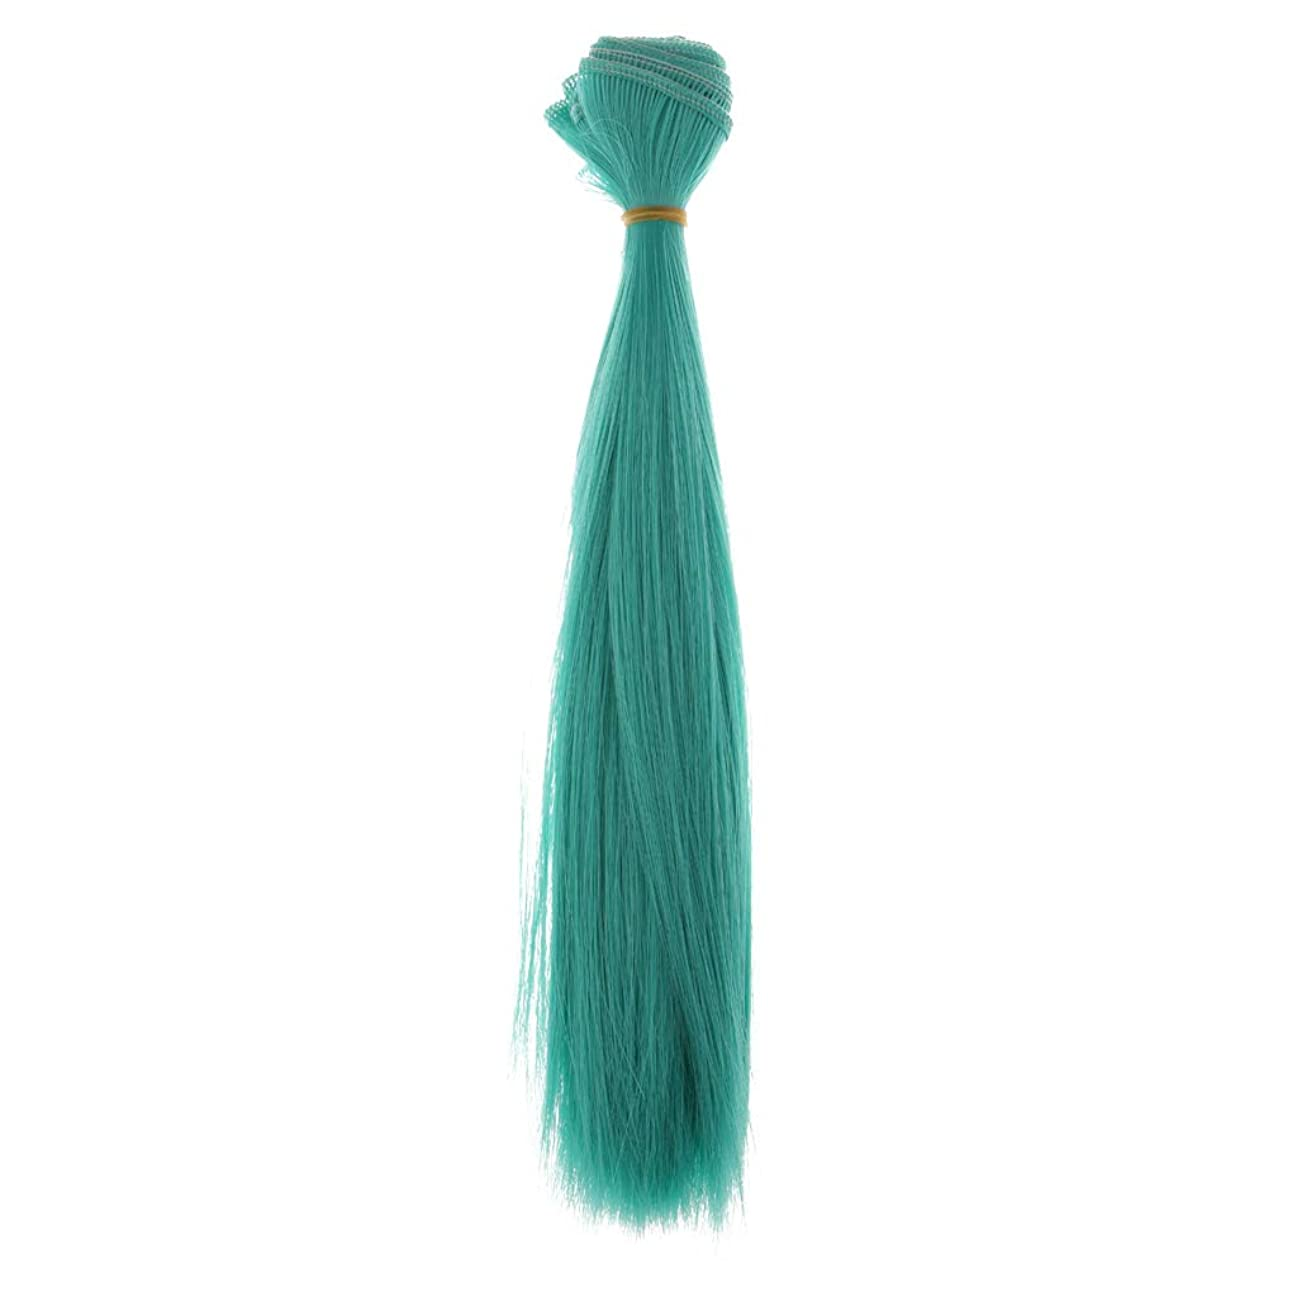 高く学ぶ動かすDYNWAVE 人形 かつら ヘアピース ウィッグ DIY ストレートヘア ブライスドール用 全6色 - ダークグリーン